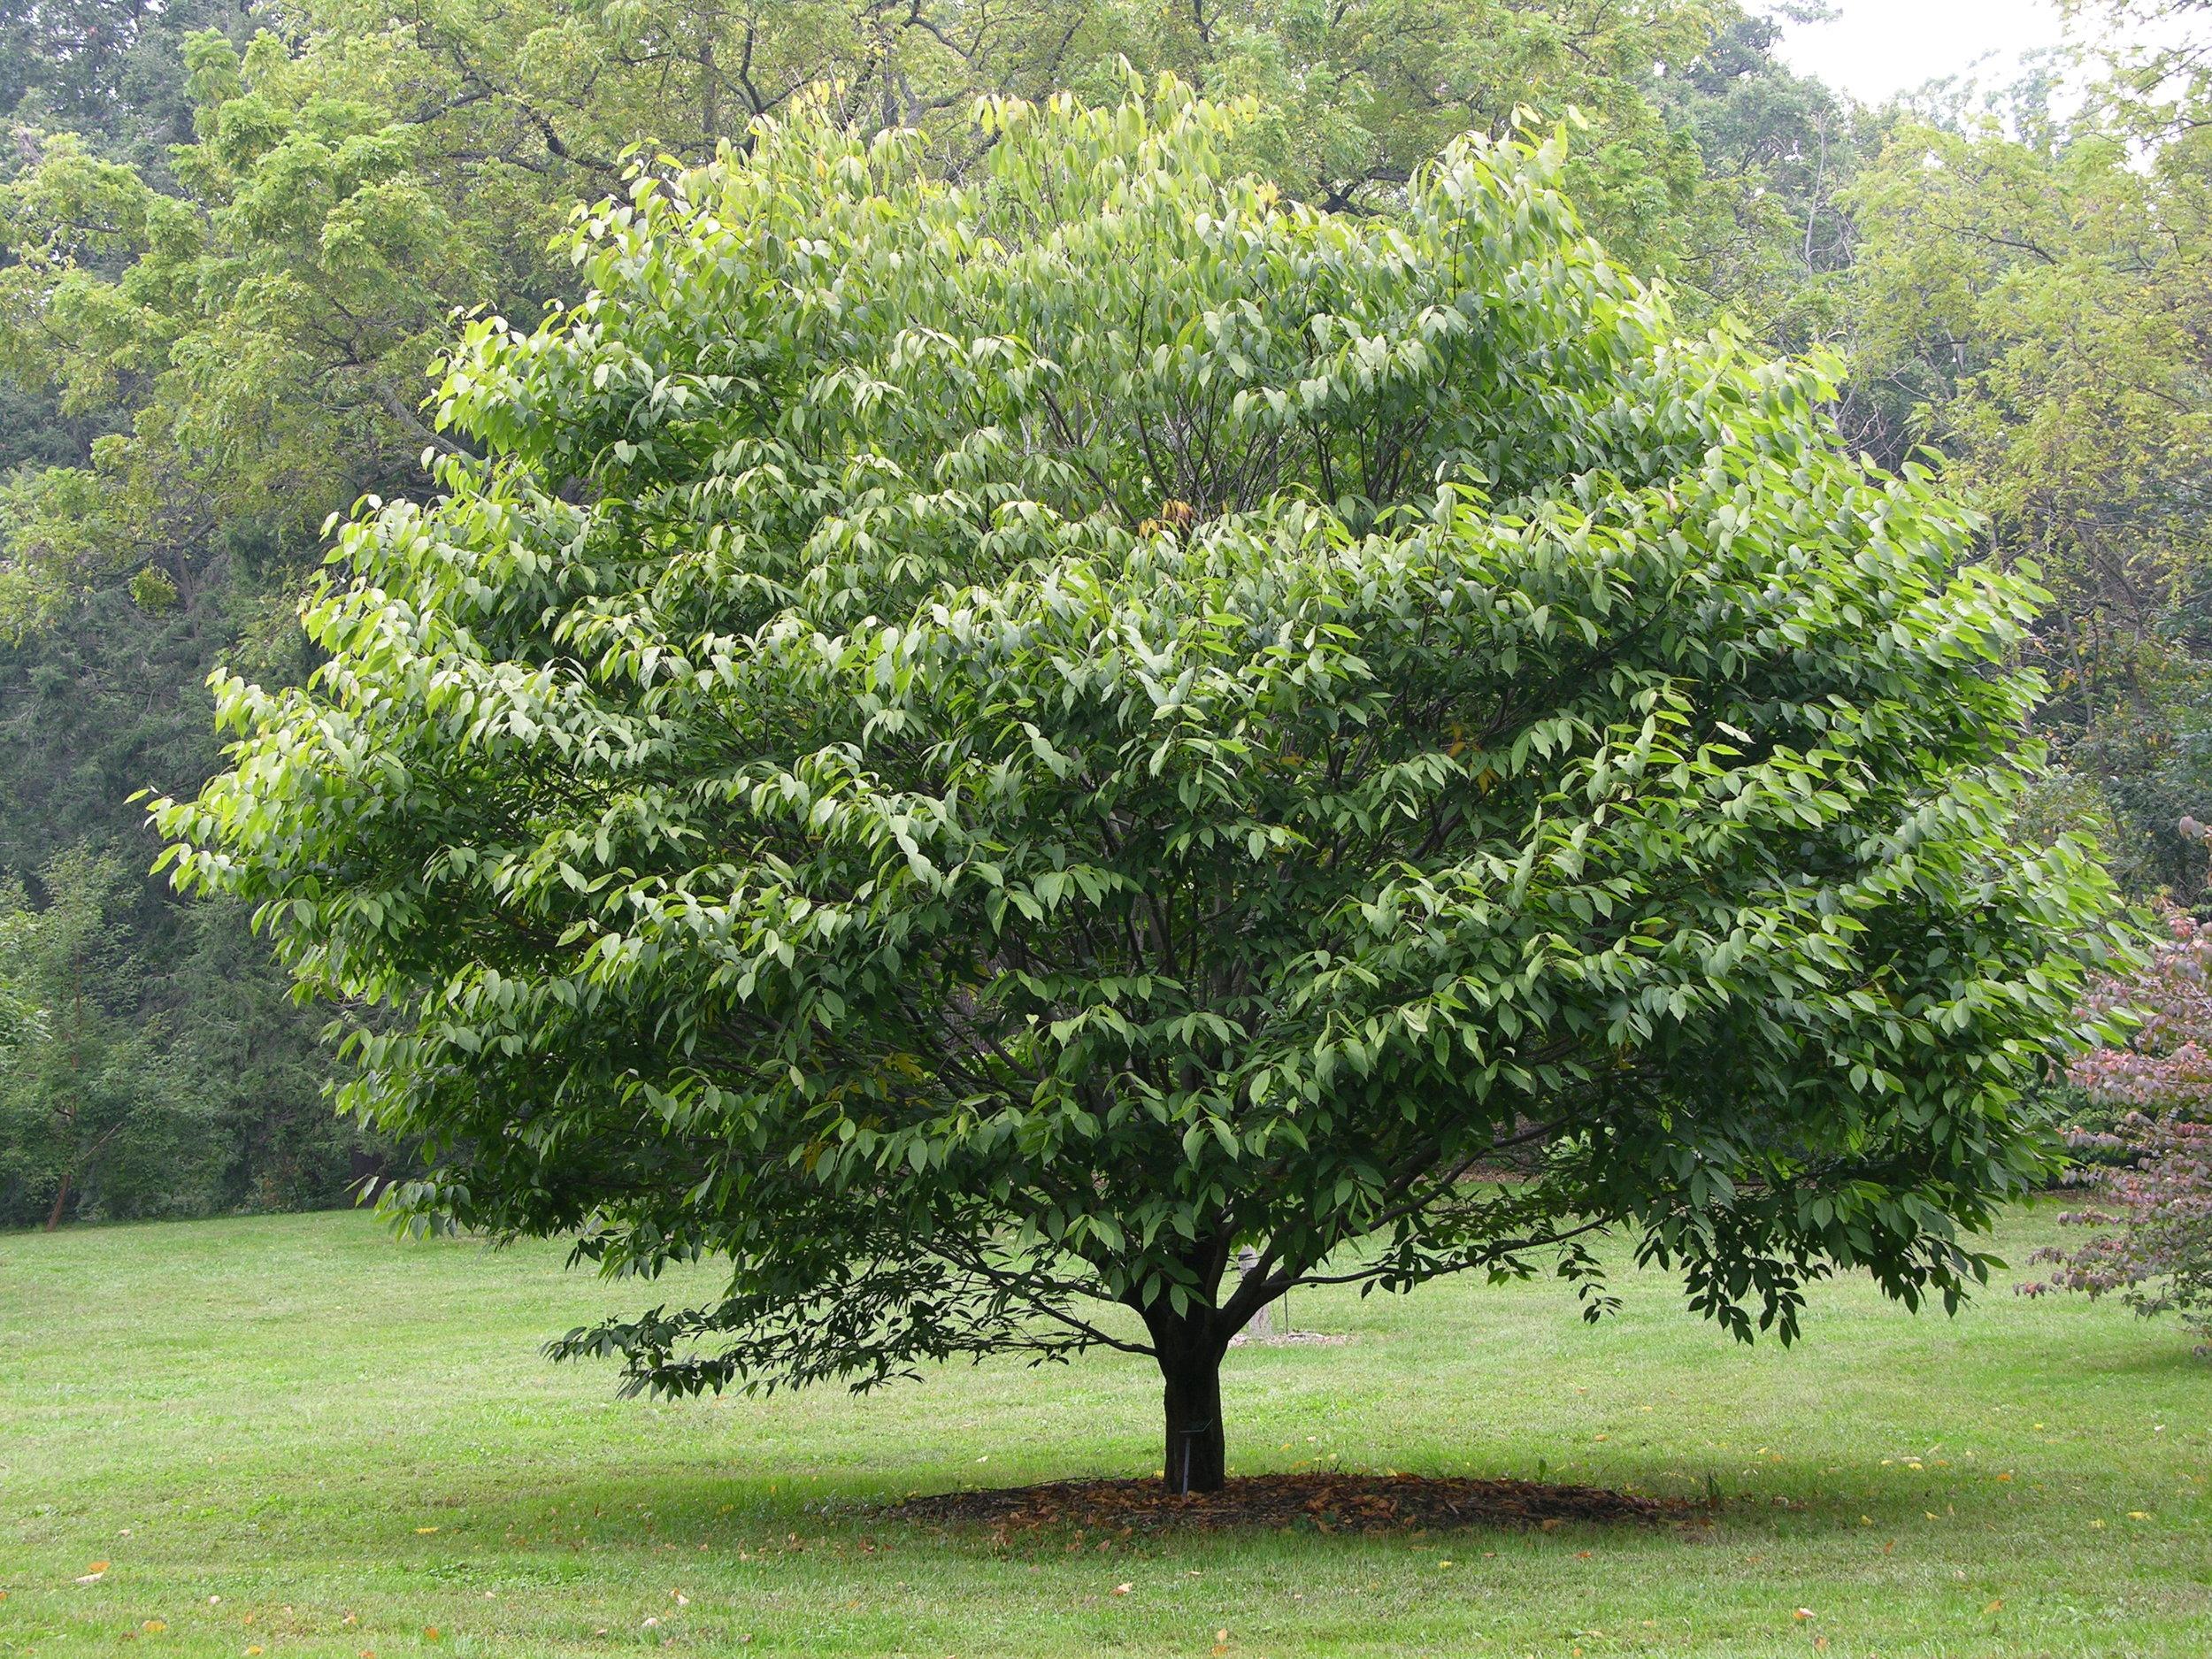 Hornbeam_Maple_Acer_carpinifolium_Tree_3264px.jpg